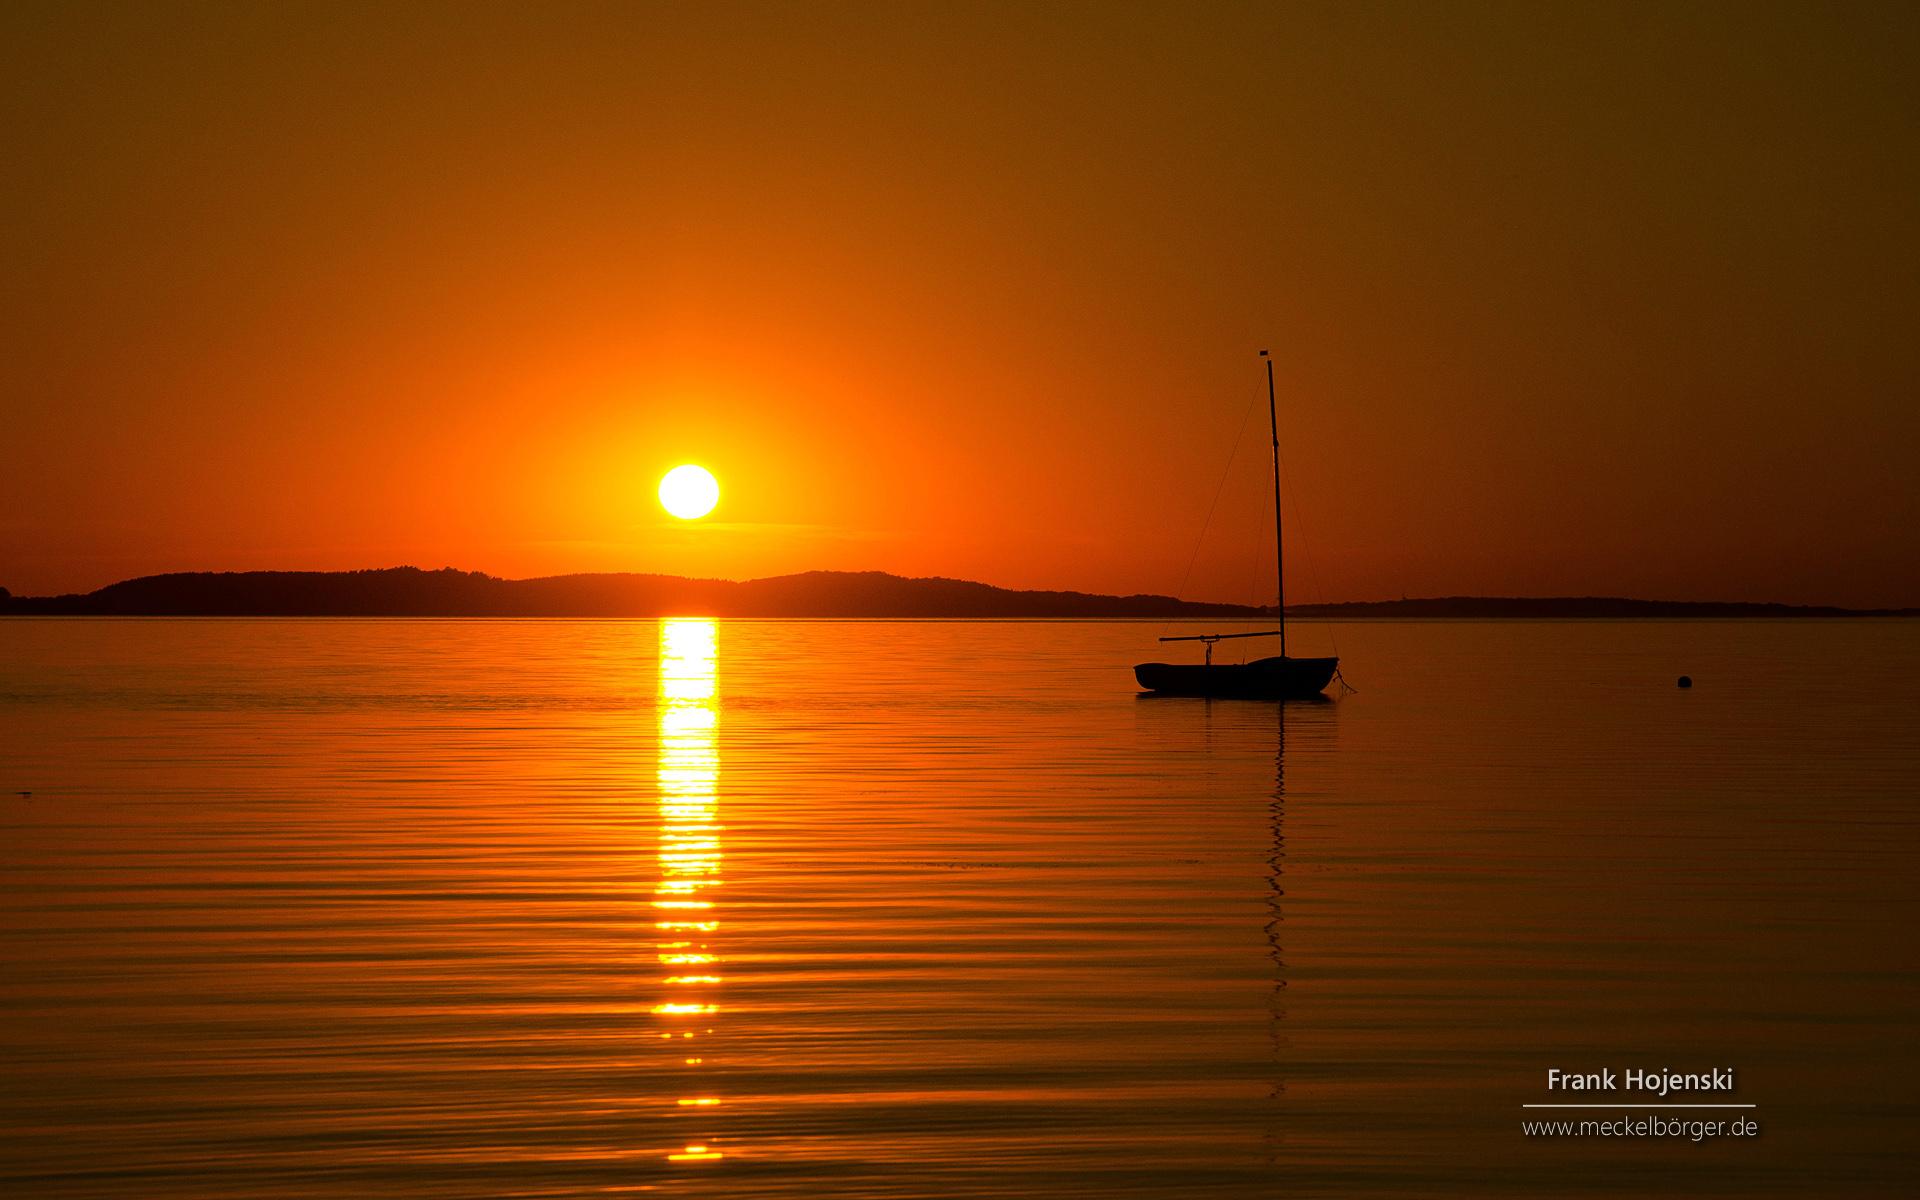 Sunset Wallpaper Hd Paisaje Natural Puesta De Sol 256852 Hd